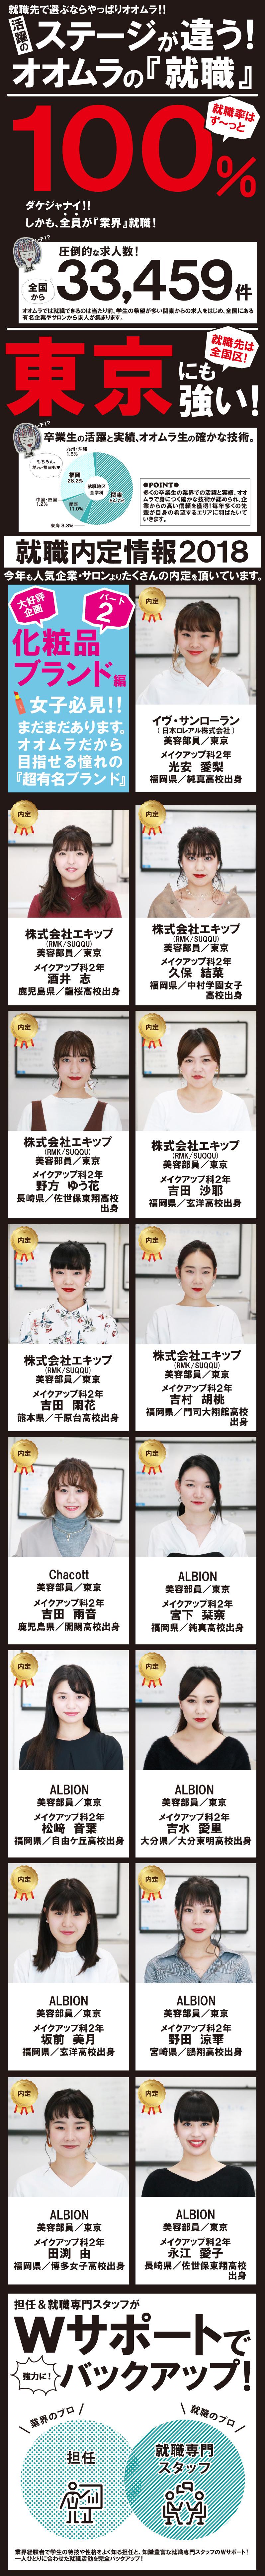 内定者速報 vol.6[2018]